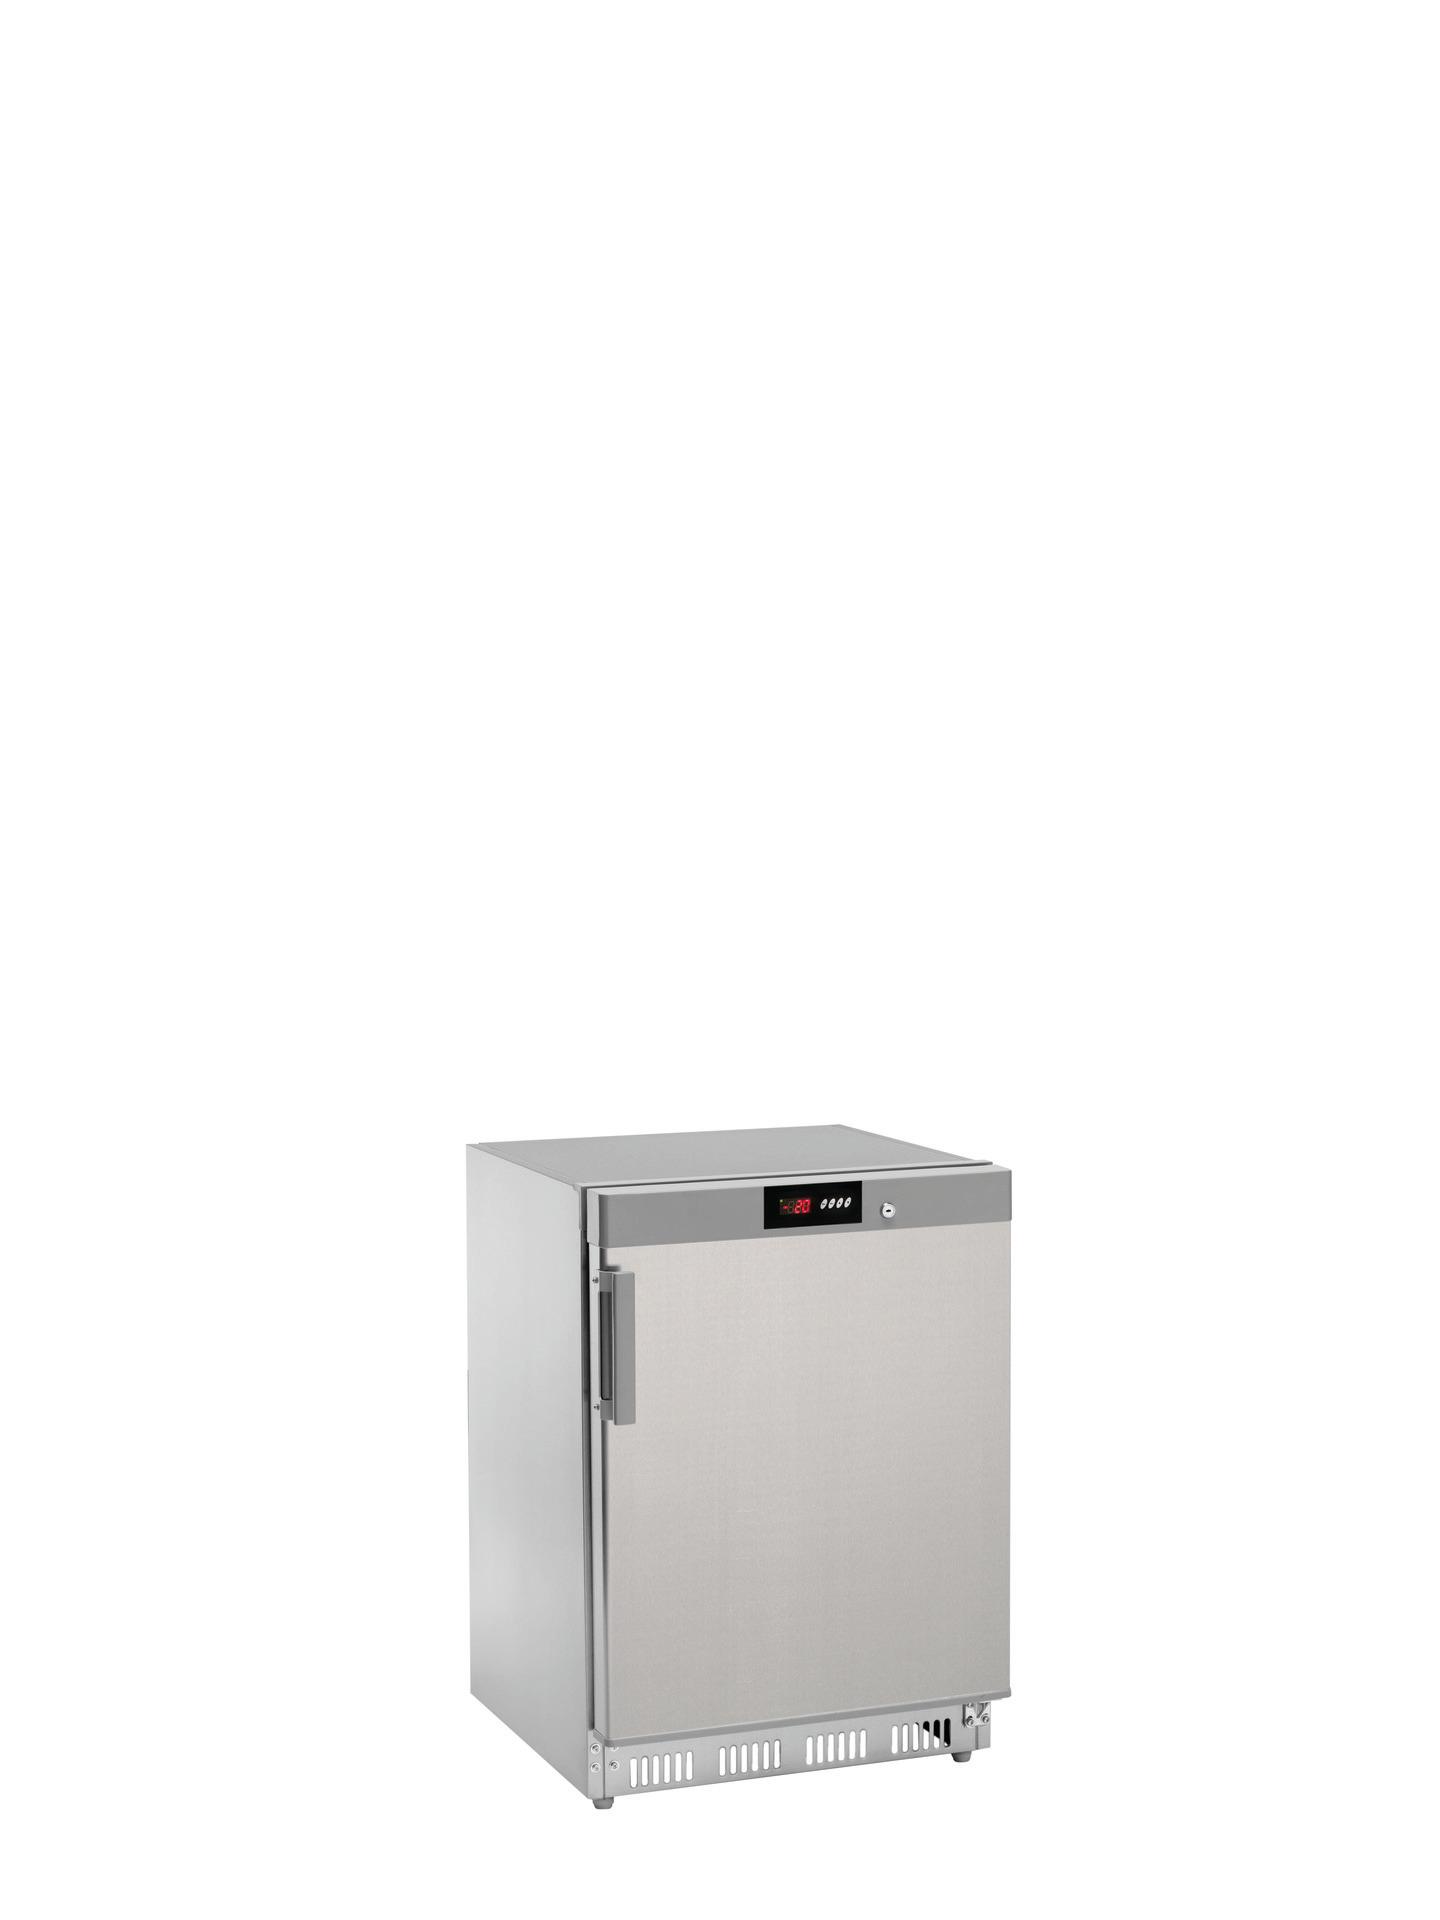 Tiefkühlschrank Edelstahl 140 l 600 x 600 x 855 mm